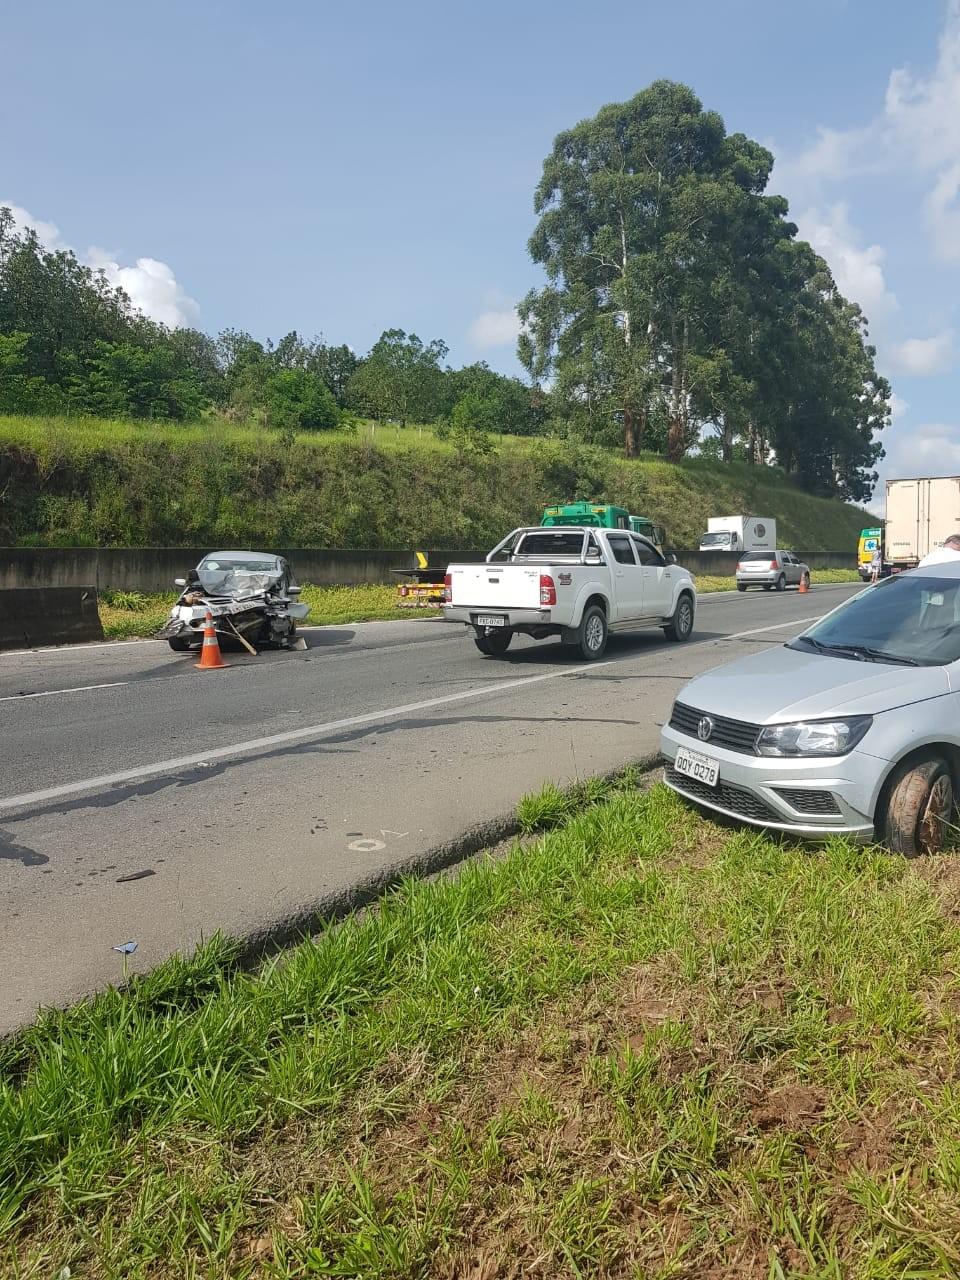 Mulher de 77 anos é atropelada após sequência de acidentes na Fernão Dias